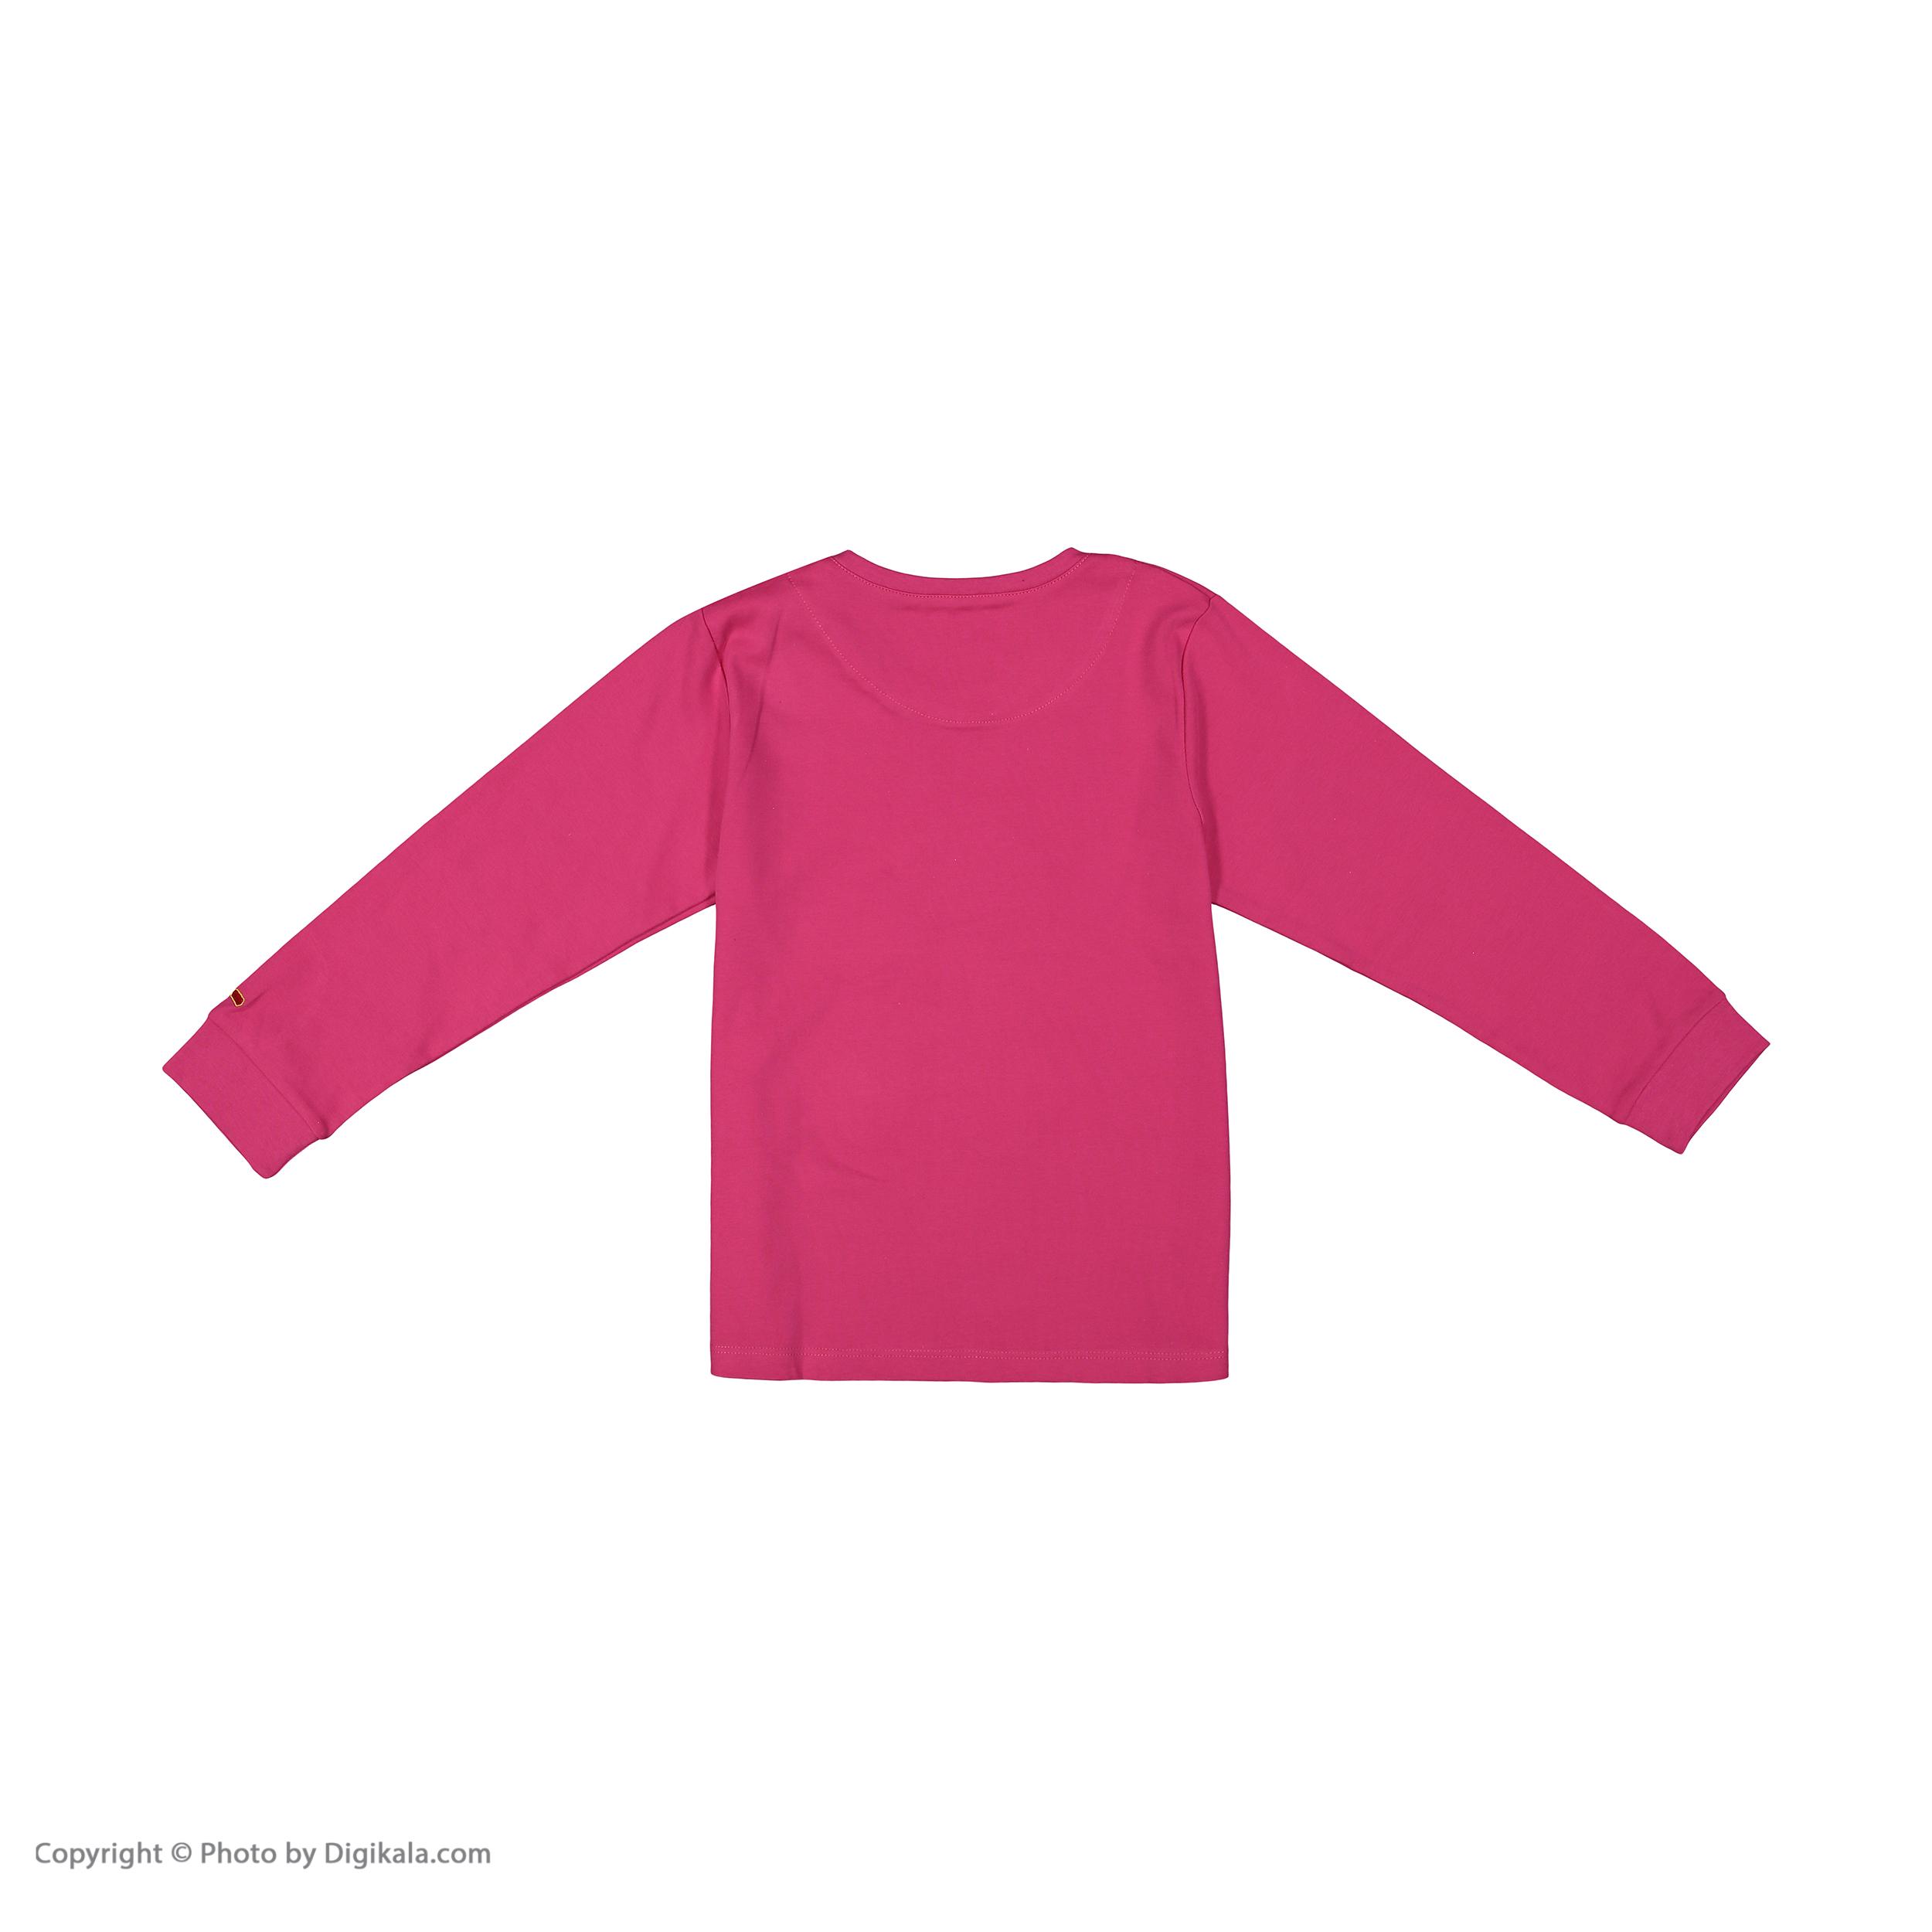 ست تی شرت و شلوار دخترانه مادر مدل 303-66 main 1 3